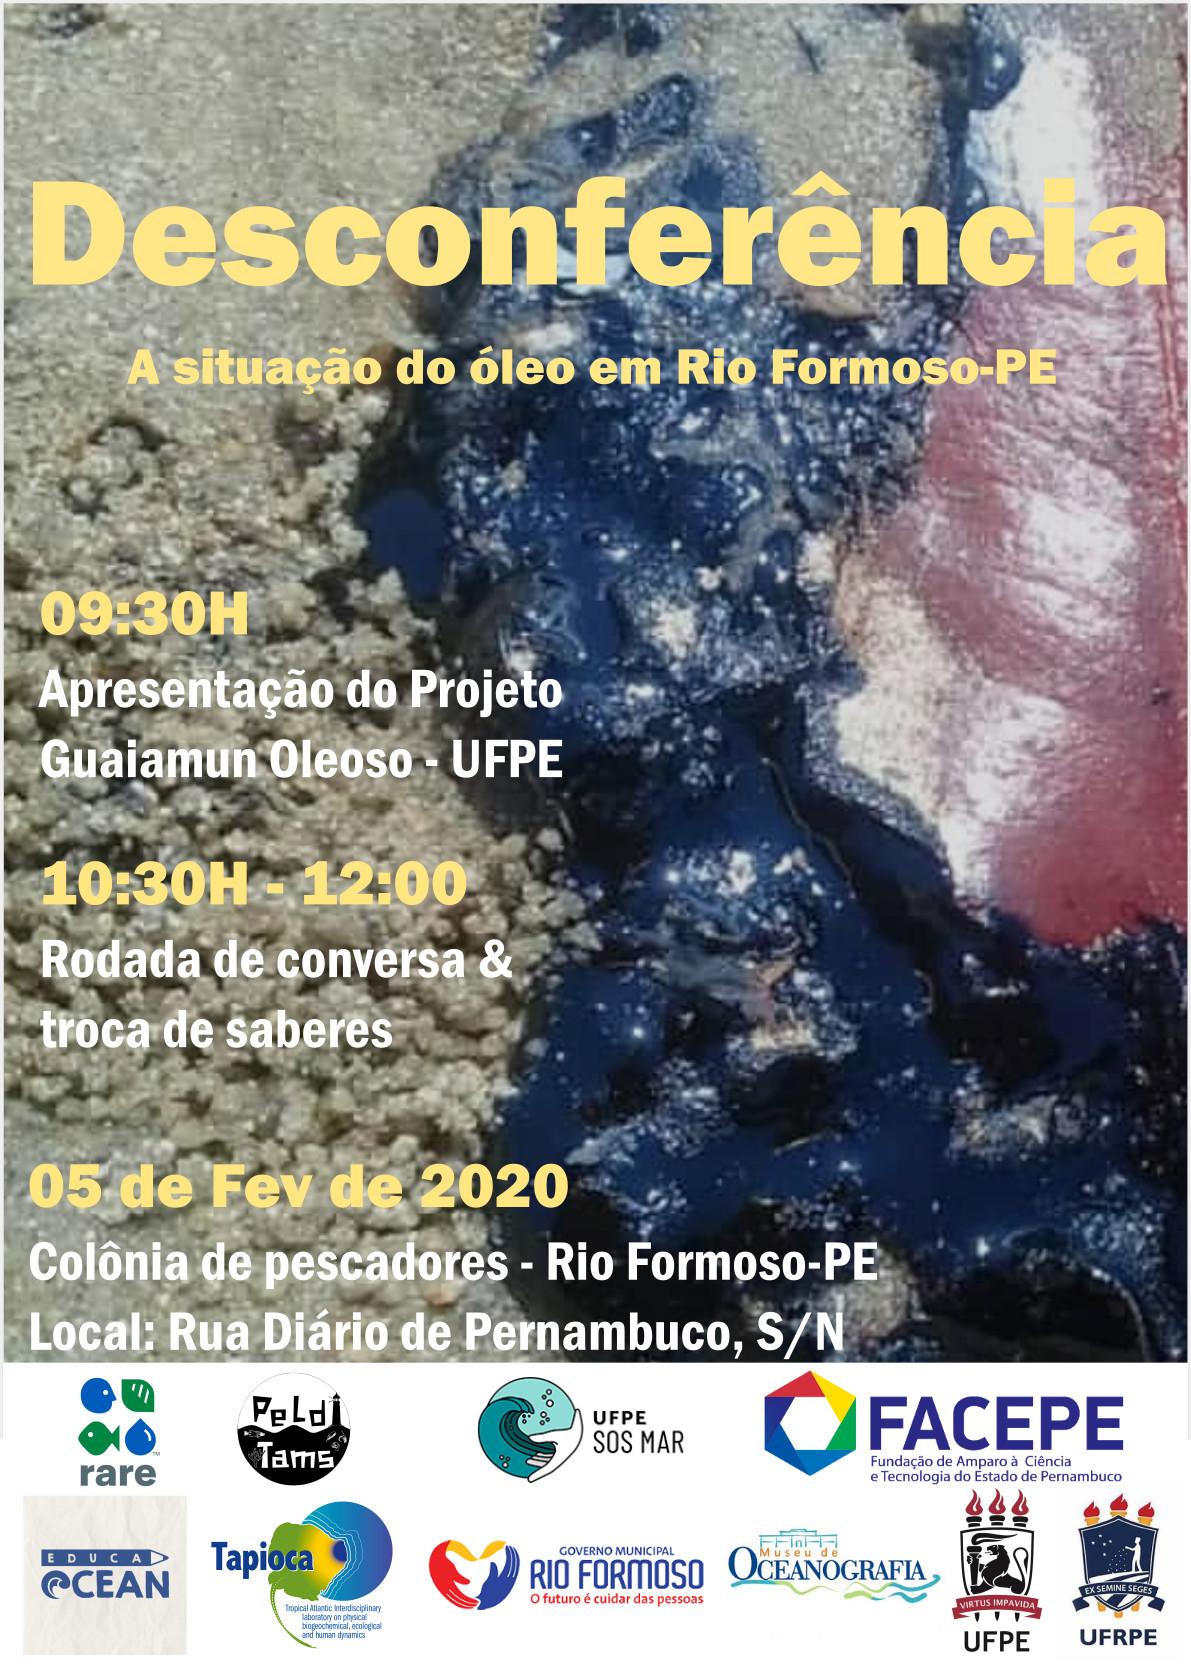 Desconferência: A situação do Óleo em Rio Formoso-PE